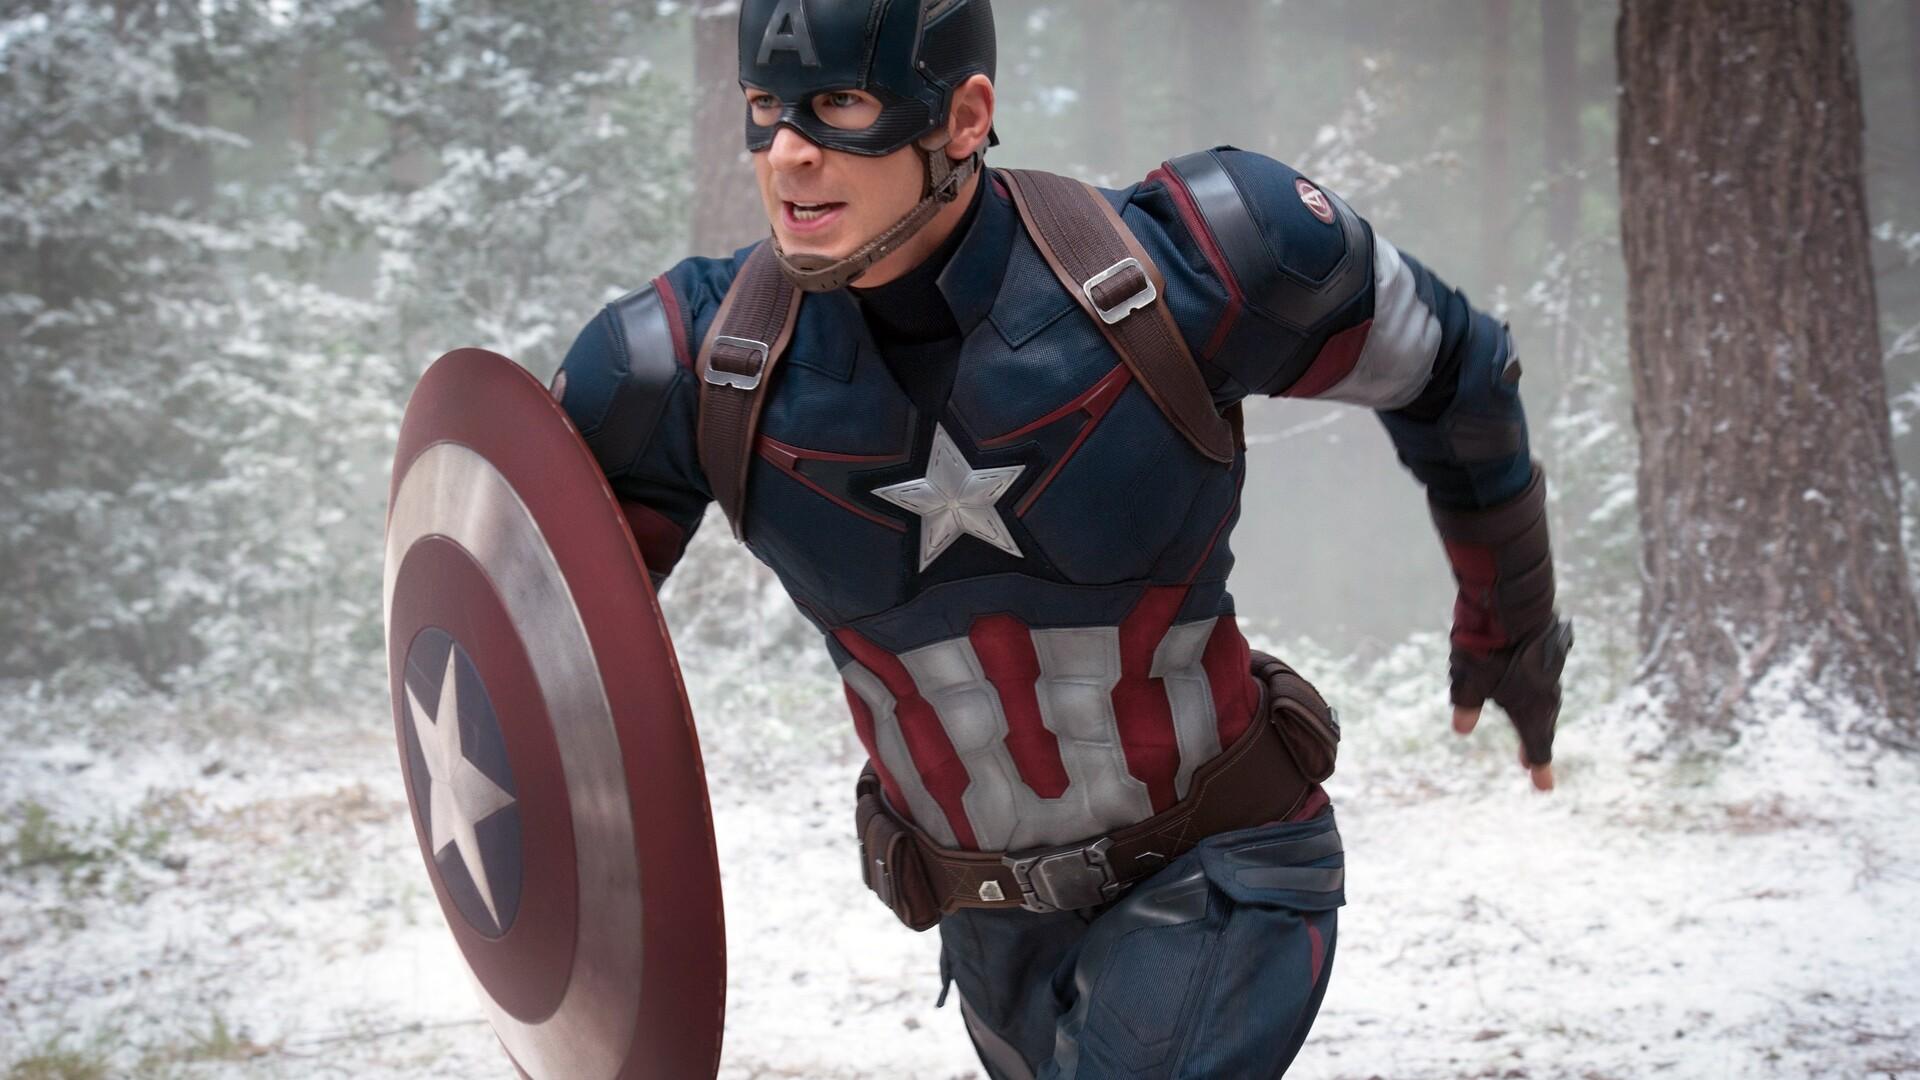 1920x1080 Captain America Avengers 2 Laptop Full HD 1080P ...